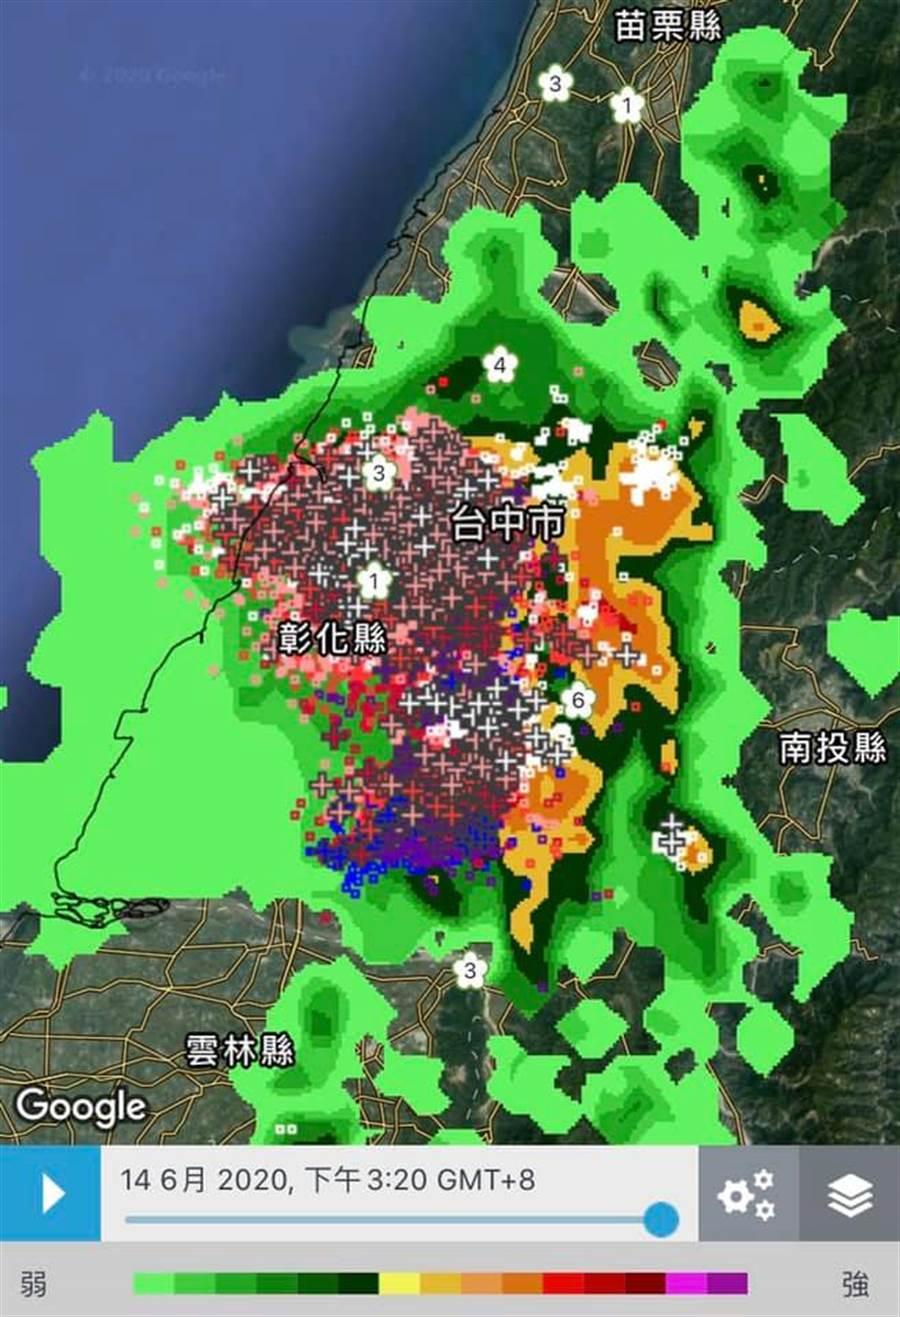 台中、彰化被籠罩在超大雷雨胞中,而且閃電非常密集。(圖/摘自天氣風險公司臉書)